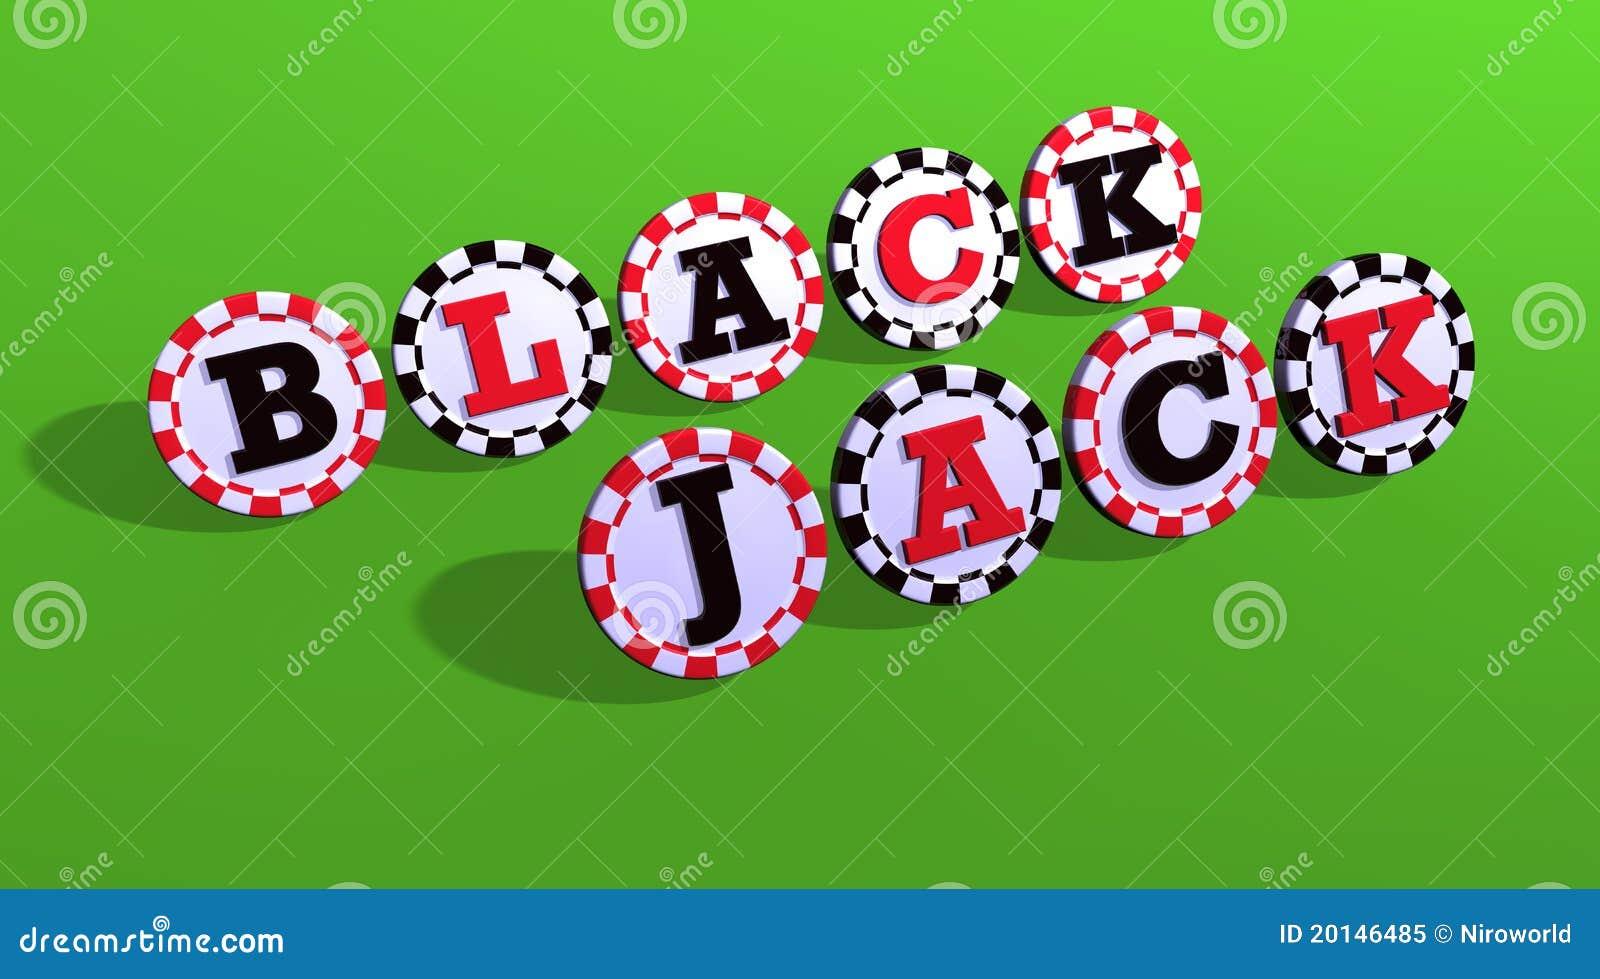 Blackjack Download Chip